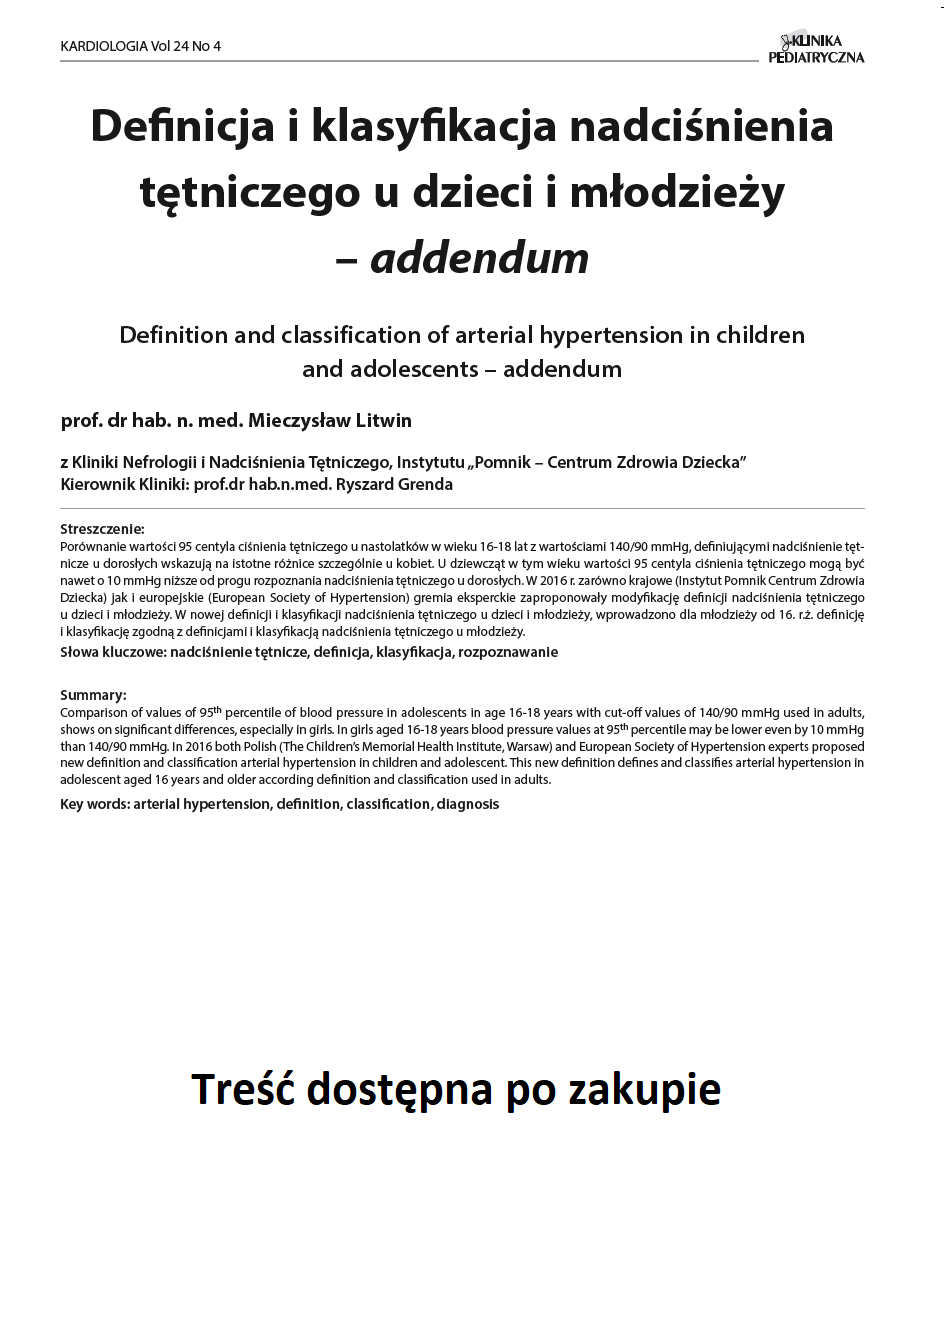 KP 4 -2016- Definicja i klasyfikacja nadciśnienia tętniczego u dzieci i młodzieży – addendum